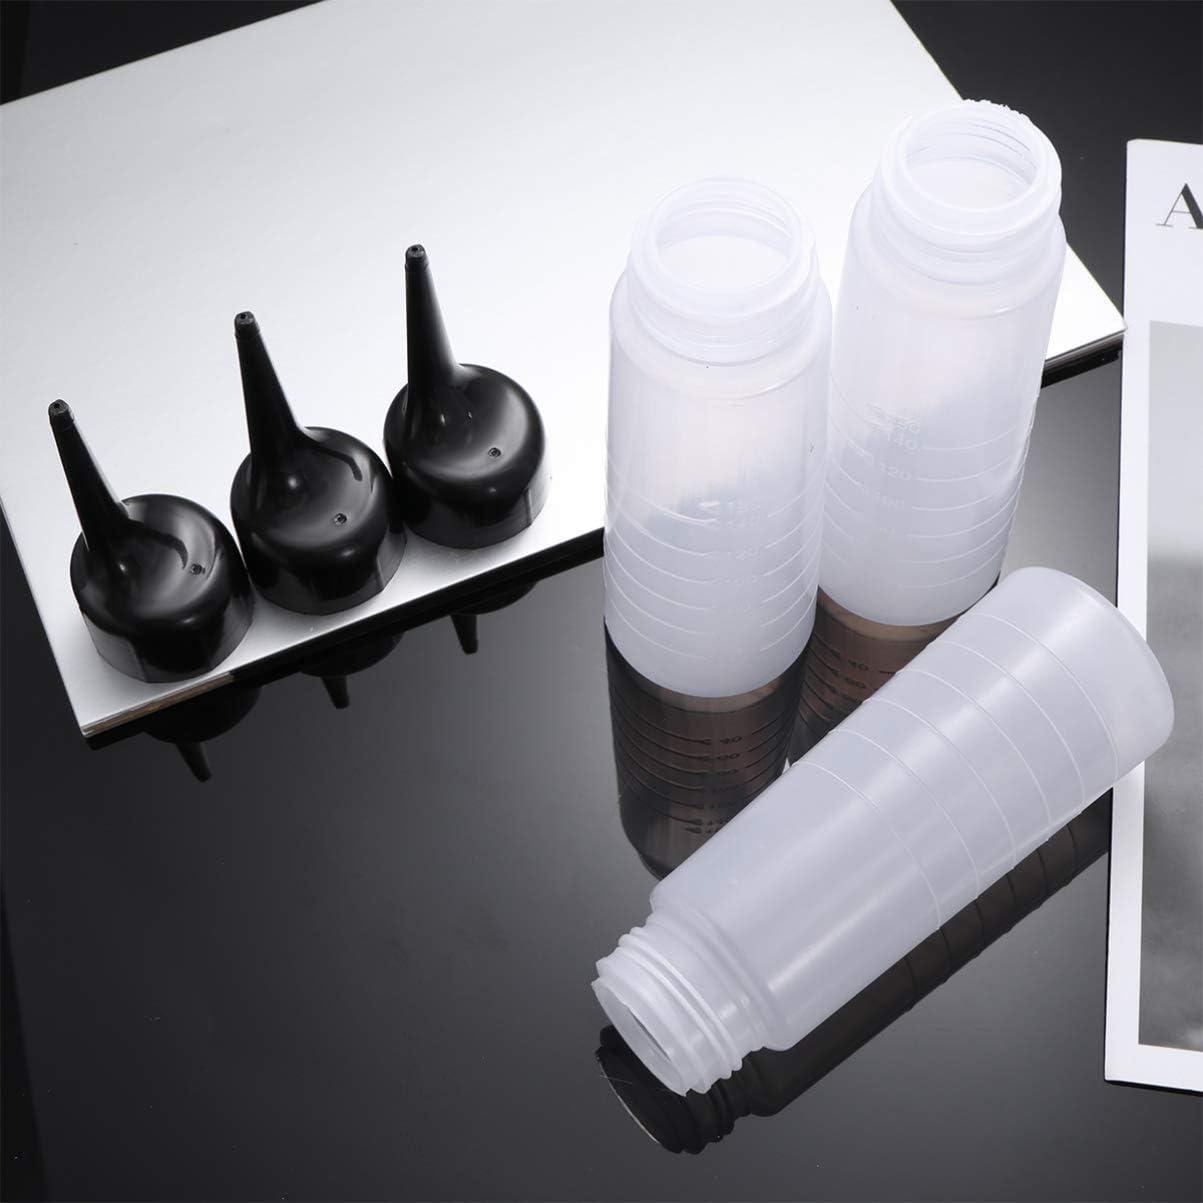 Applicator Bottles Hair Coloring Bottle Salon Hair Dye Bottle Needle Tip Glue Bottle for Salon 3pcs